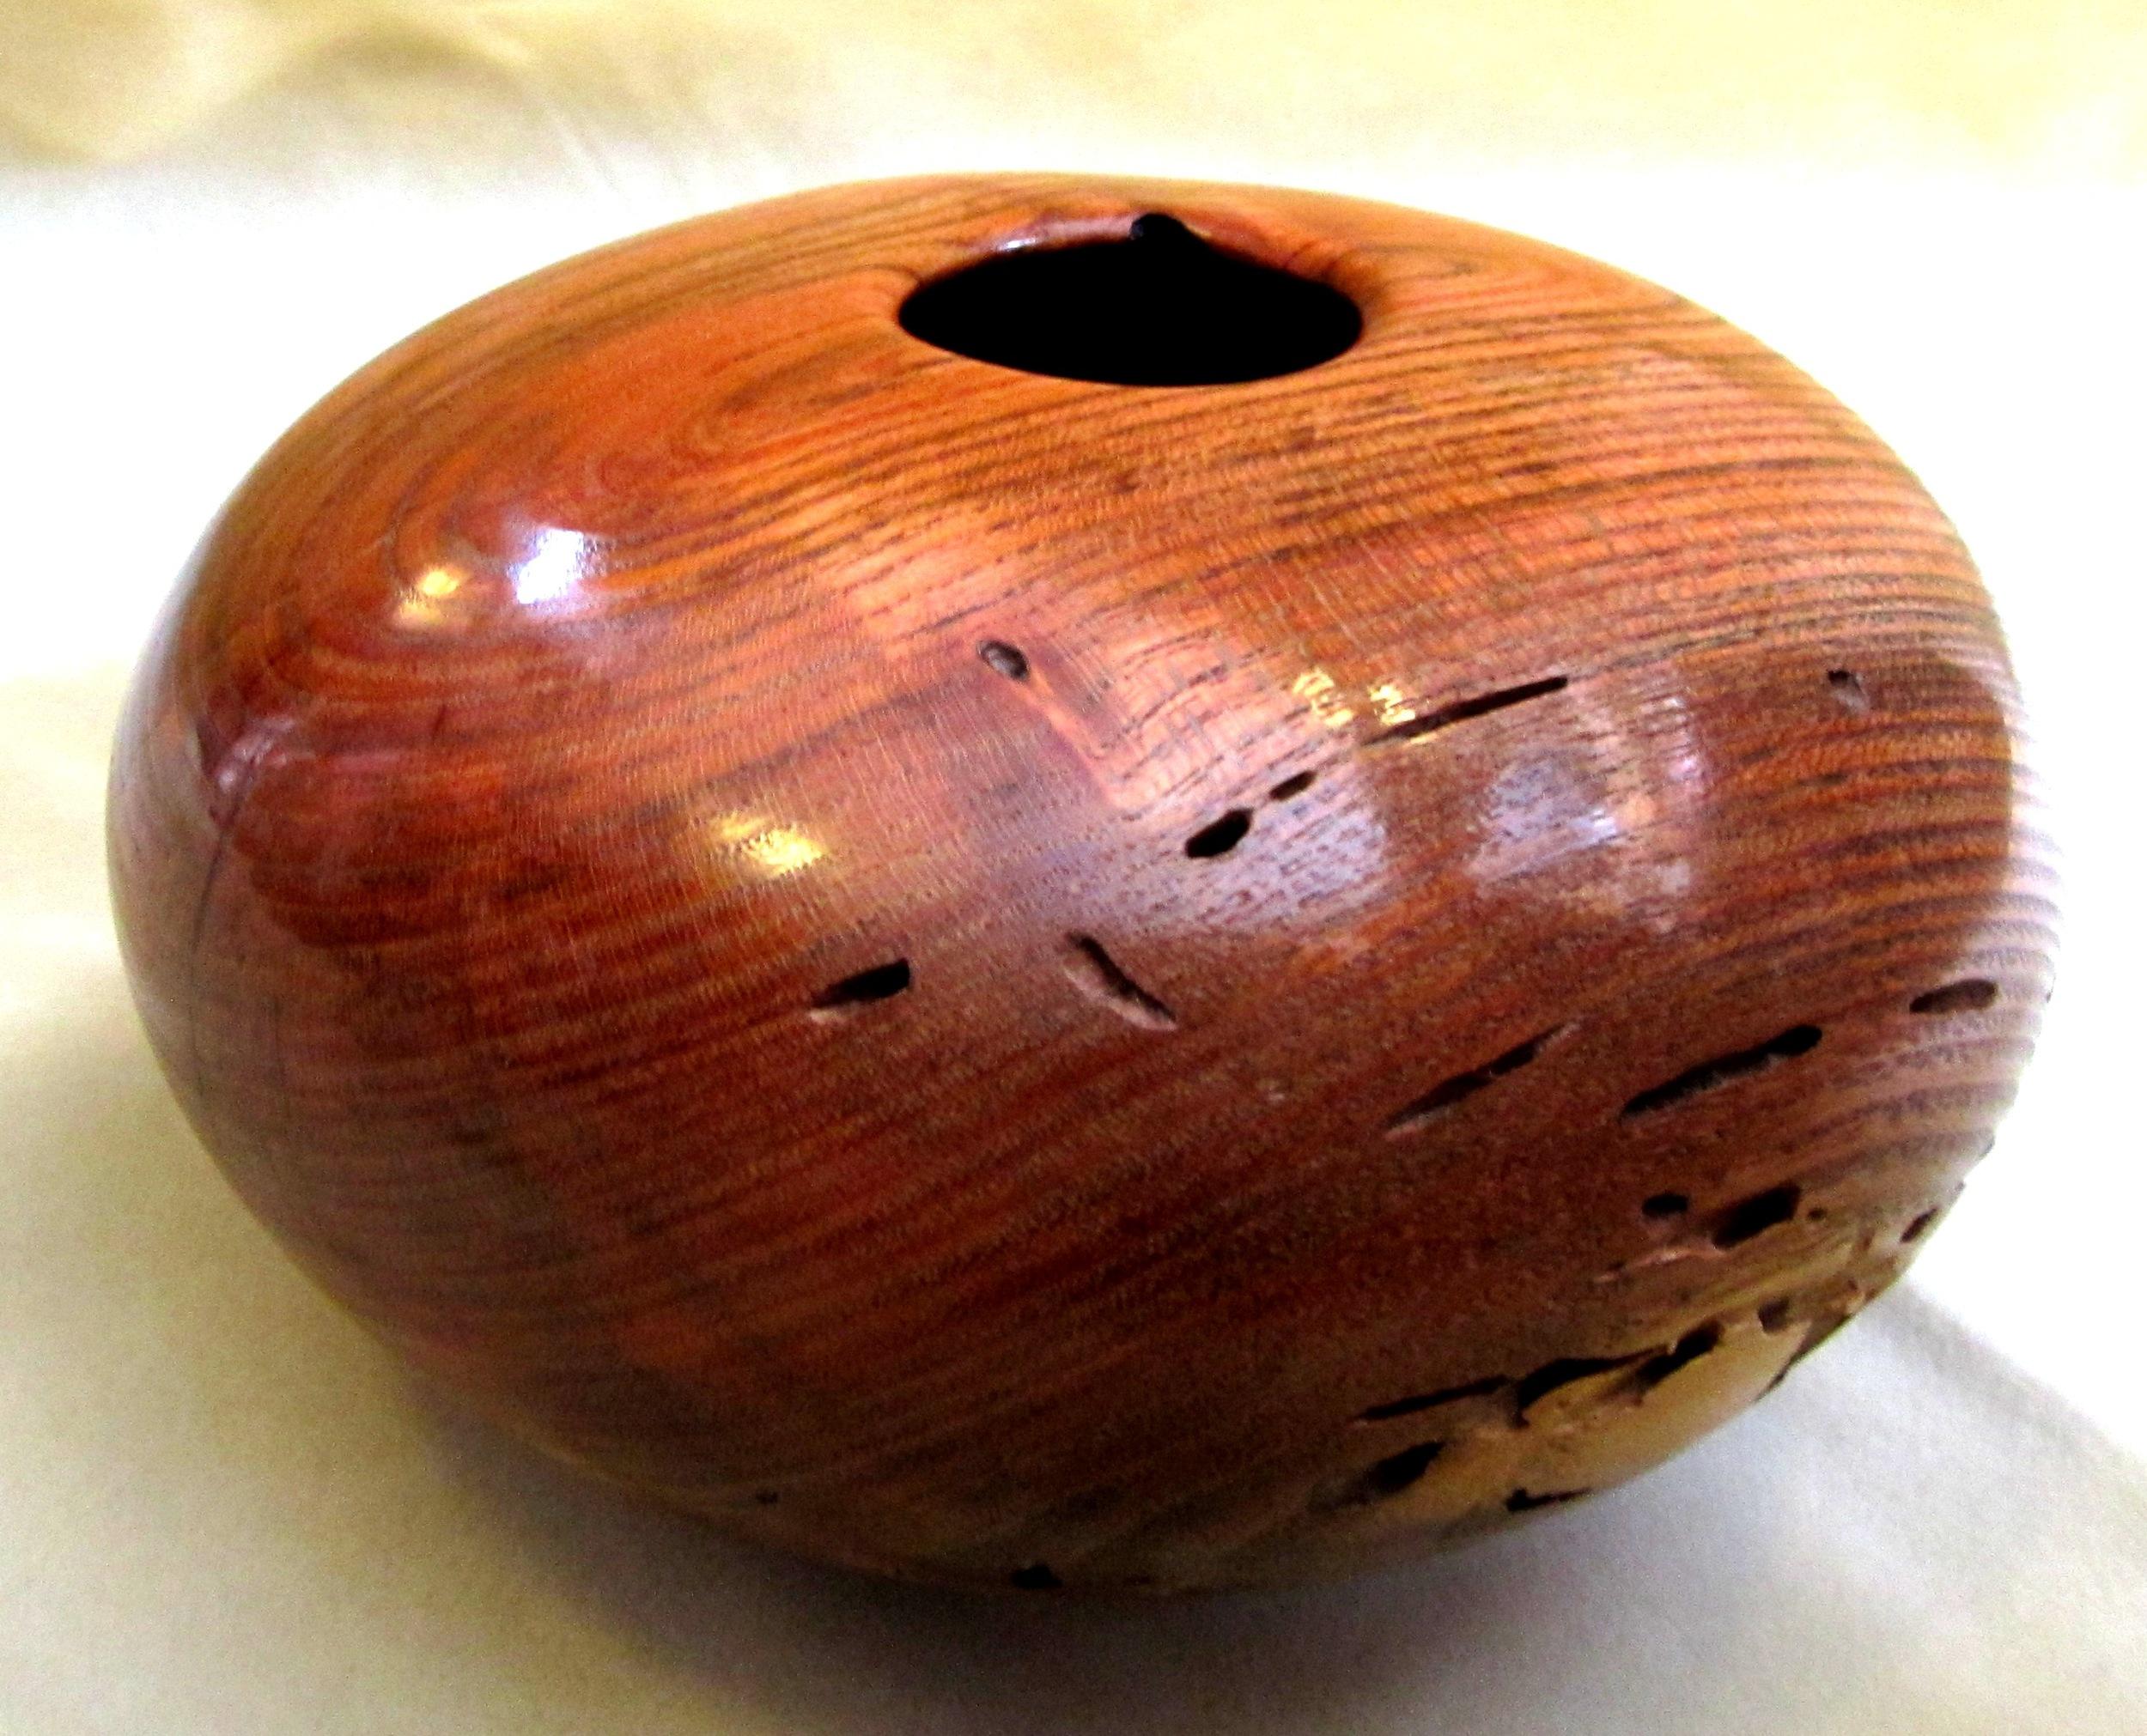 Oak turned vessel